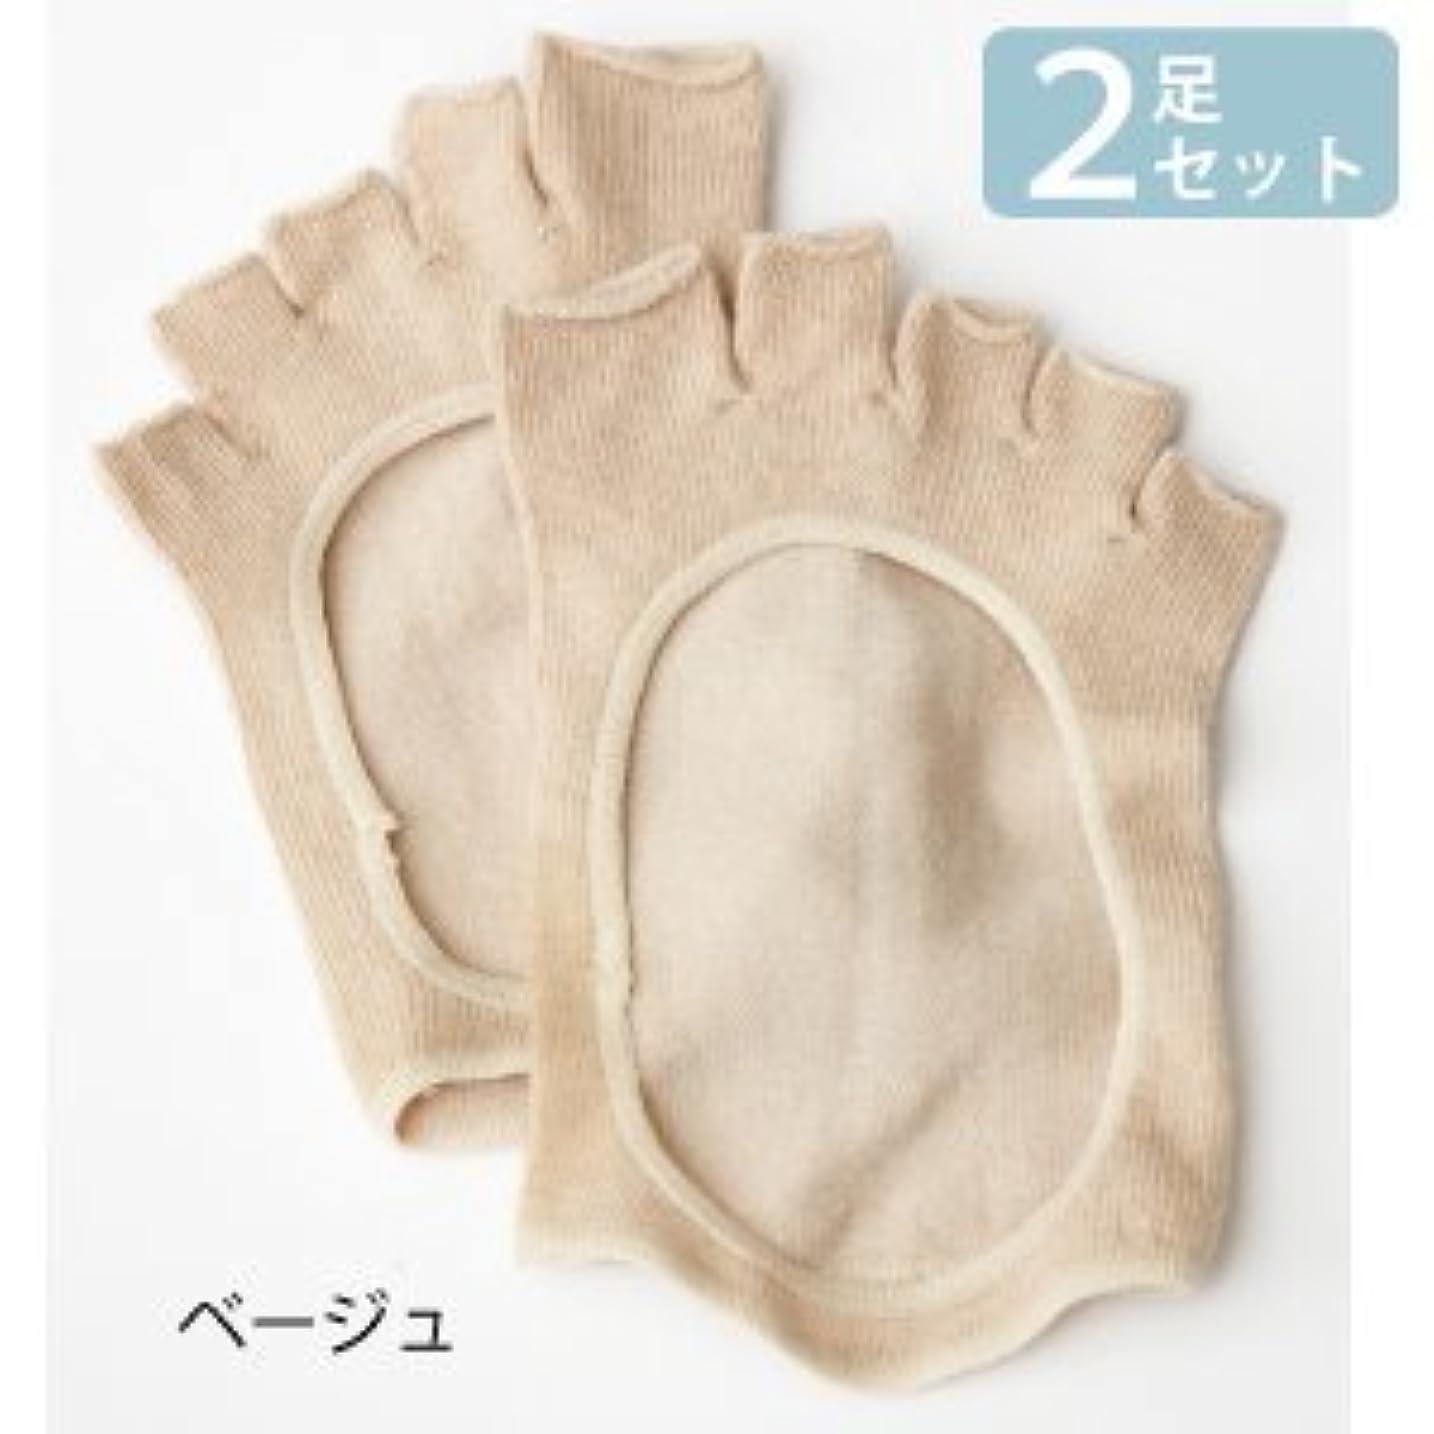 クレデンシャルスペシャリストスキニー脱げにくい 足指セパレーター (6足セット, ベージュ)